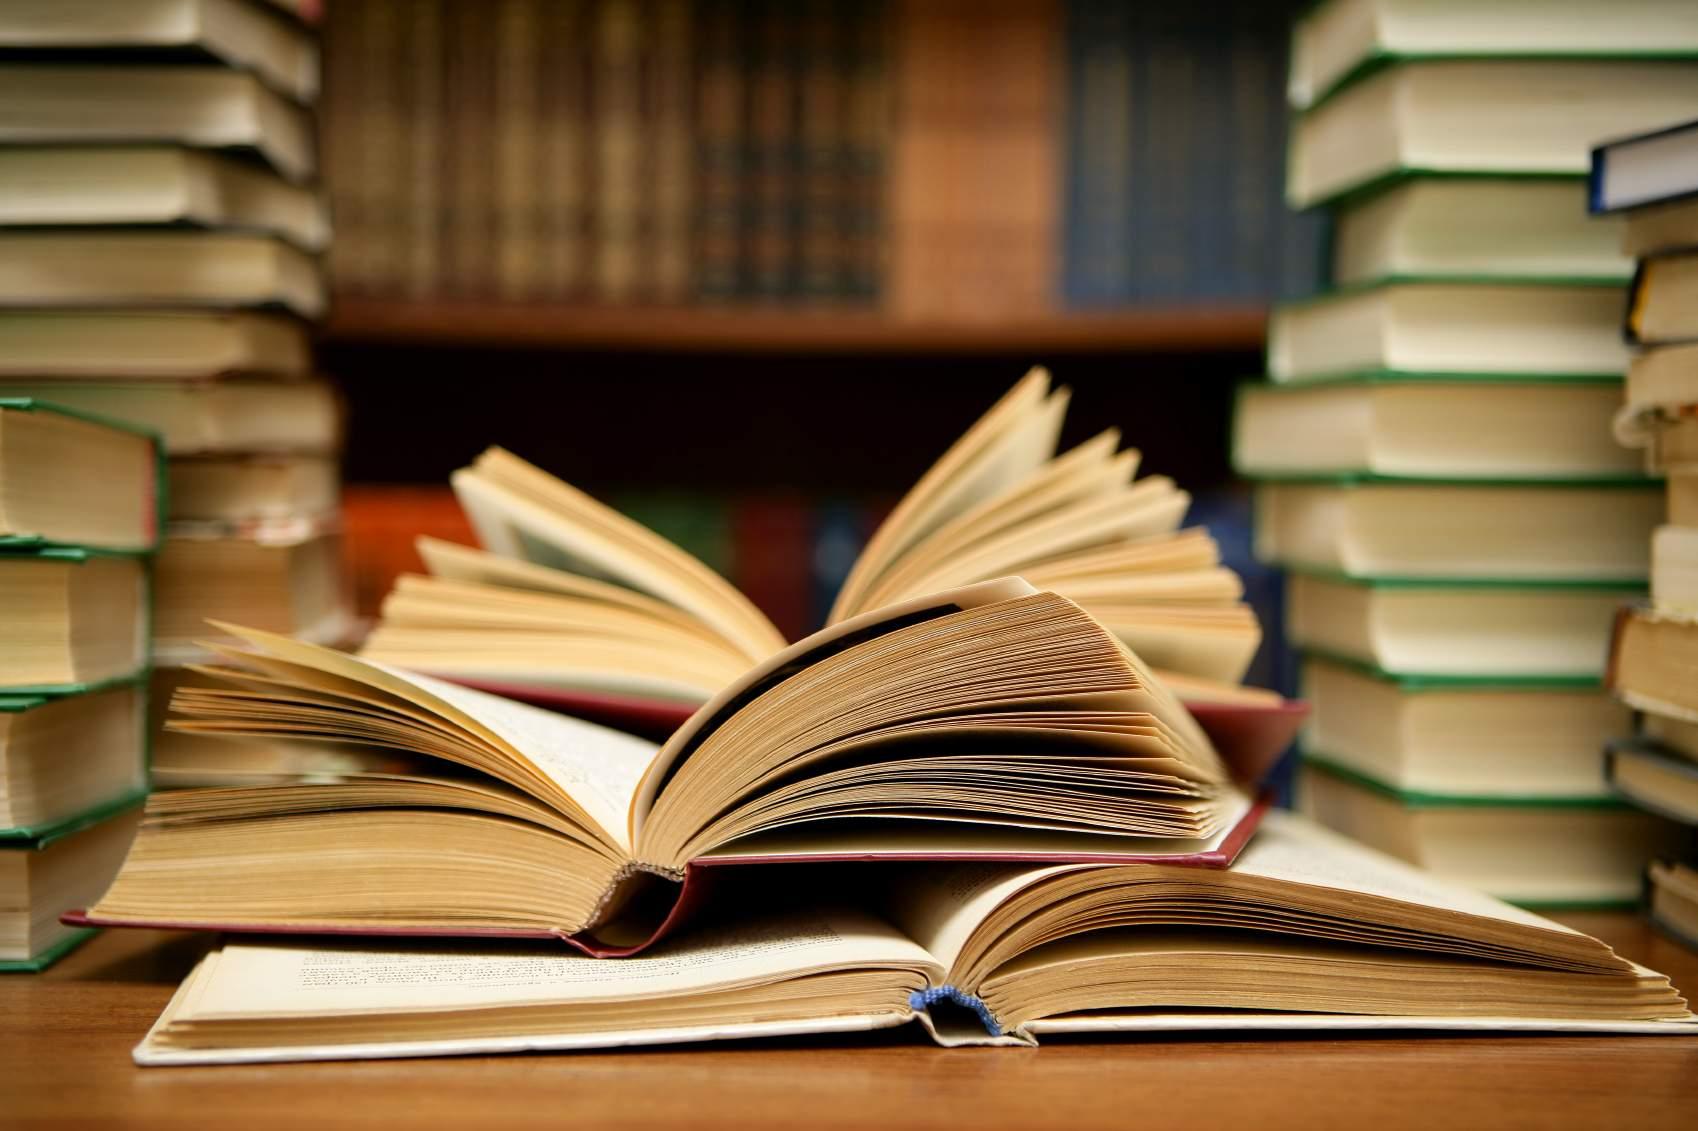 আদিবাসী-মূলবাসী সমাজ সম্পর্কিত বই ও লেখকের তালিকা।